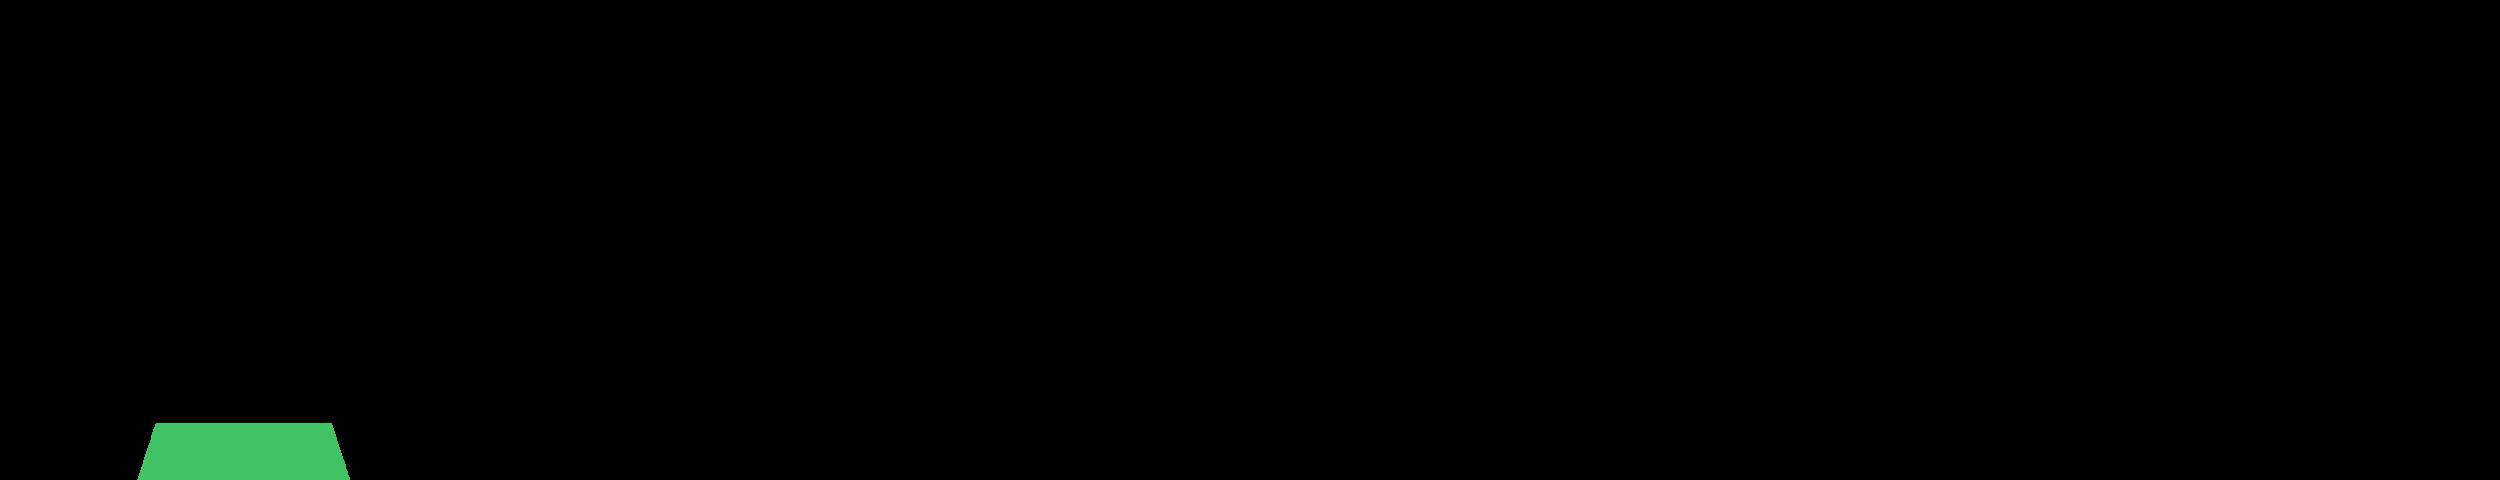 Avnet_logo.png